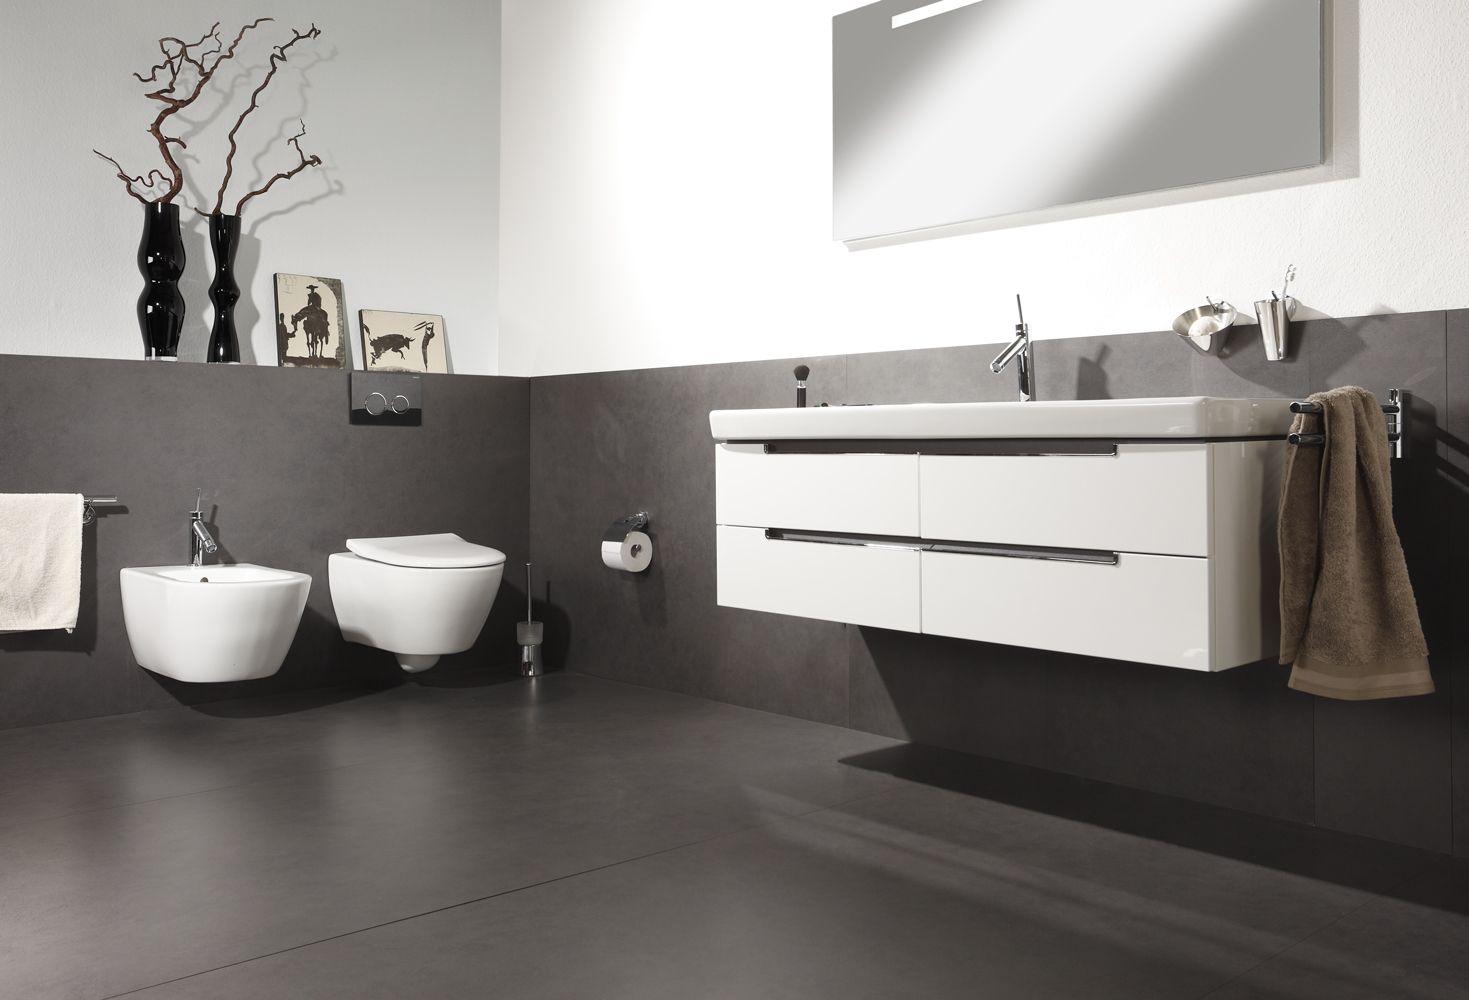 nahezu fugenloser bodenbelag von ceramax f r dusche und bad betonoptik mit plattenformaten von. Black Bedroom Furniture Sets. Home Design Ideas